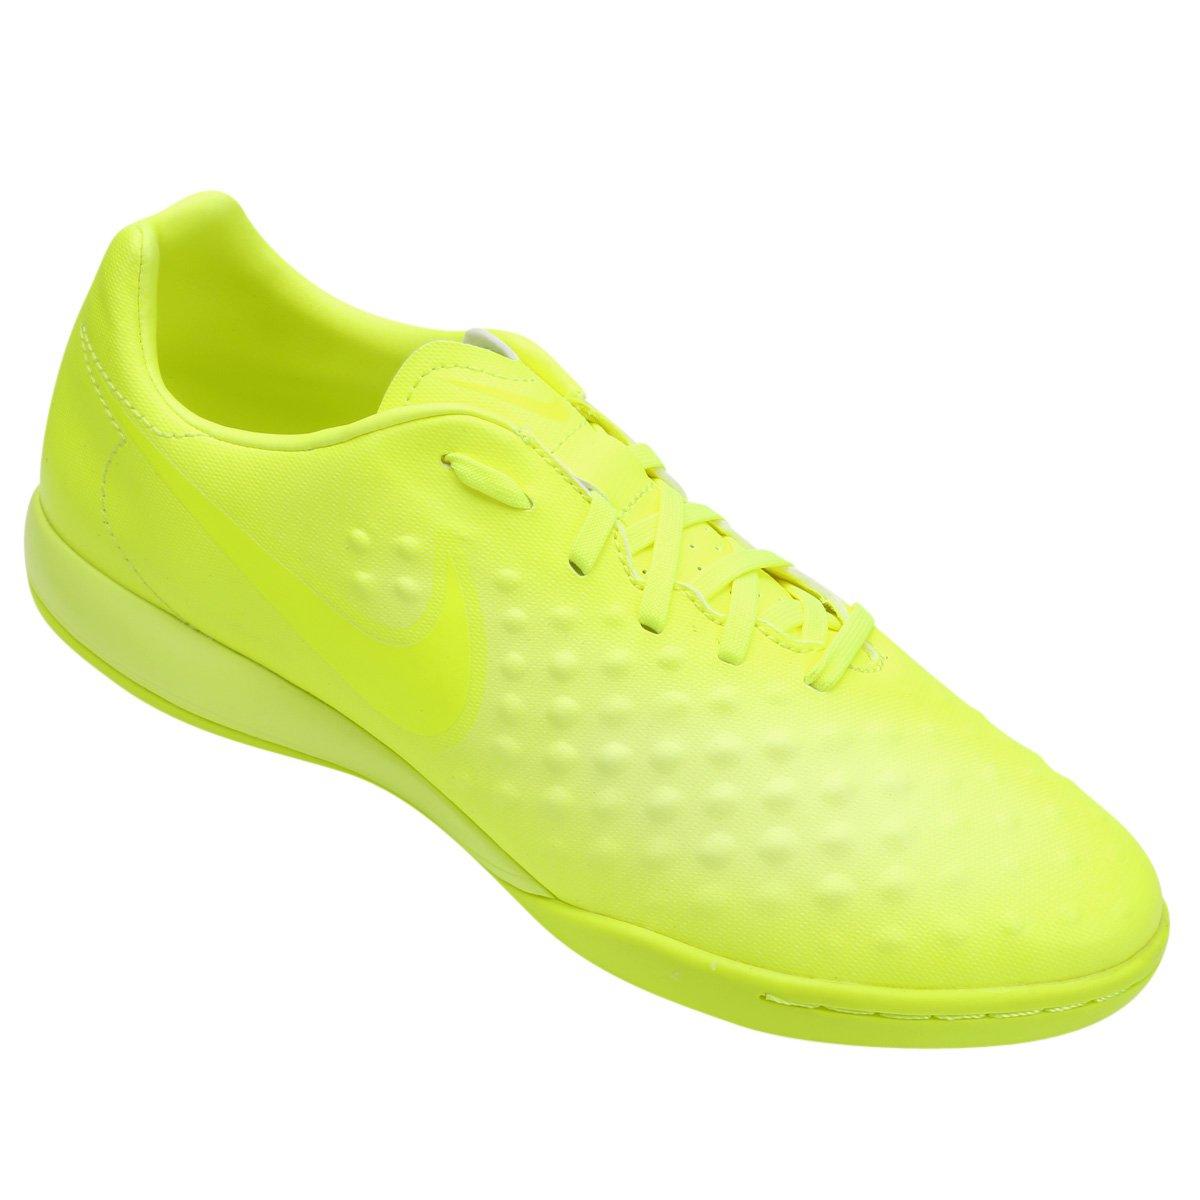 Chuteira Futsal Nike Magista Onda II IC - Compre Agora  1e36e5fc3c53a